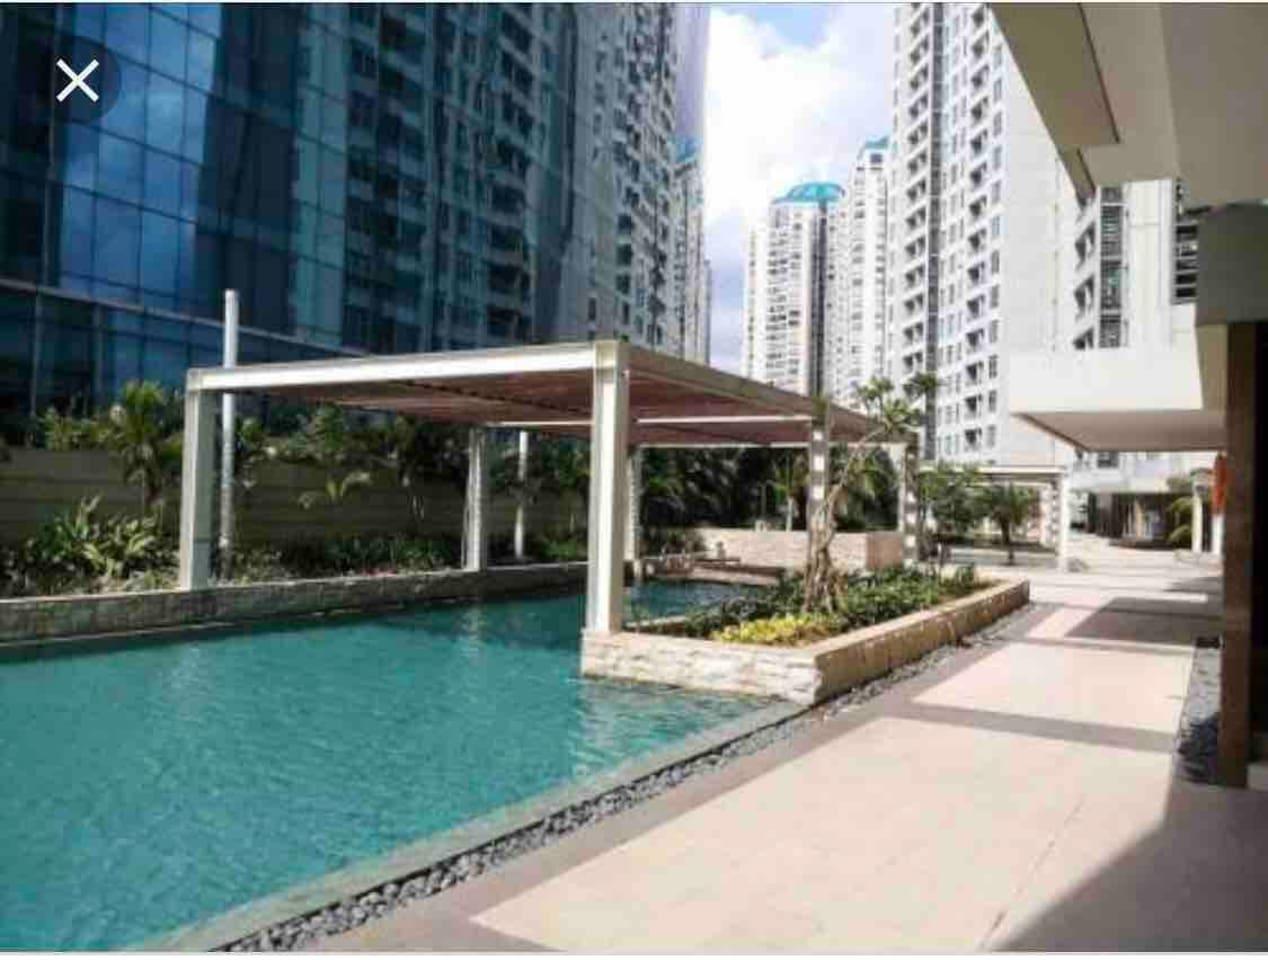 Pool Area (16th floor) city view